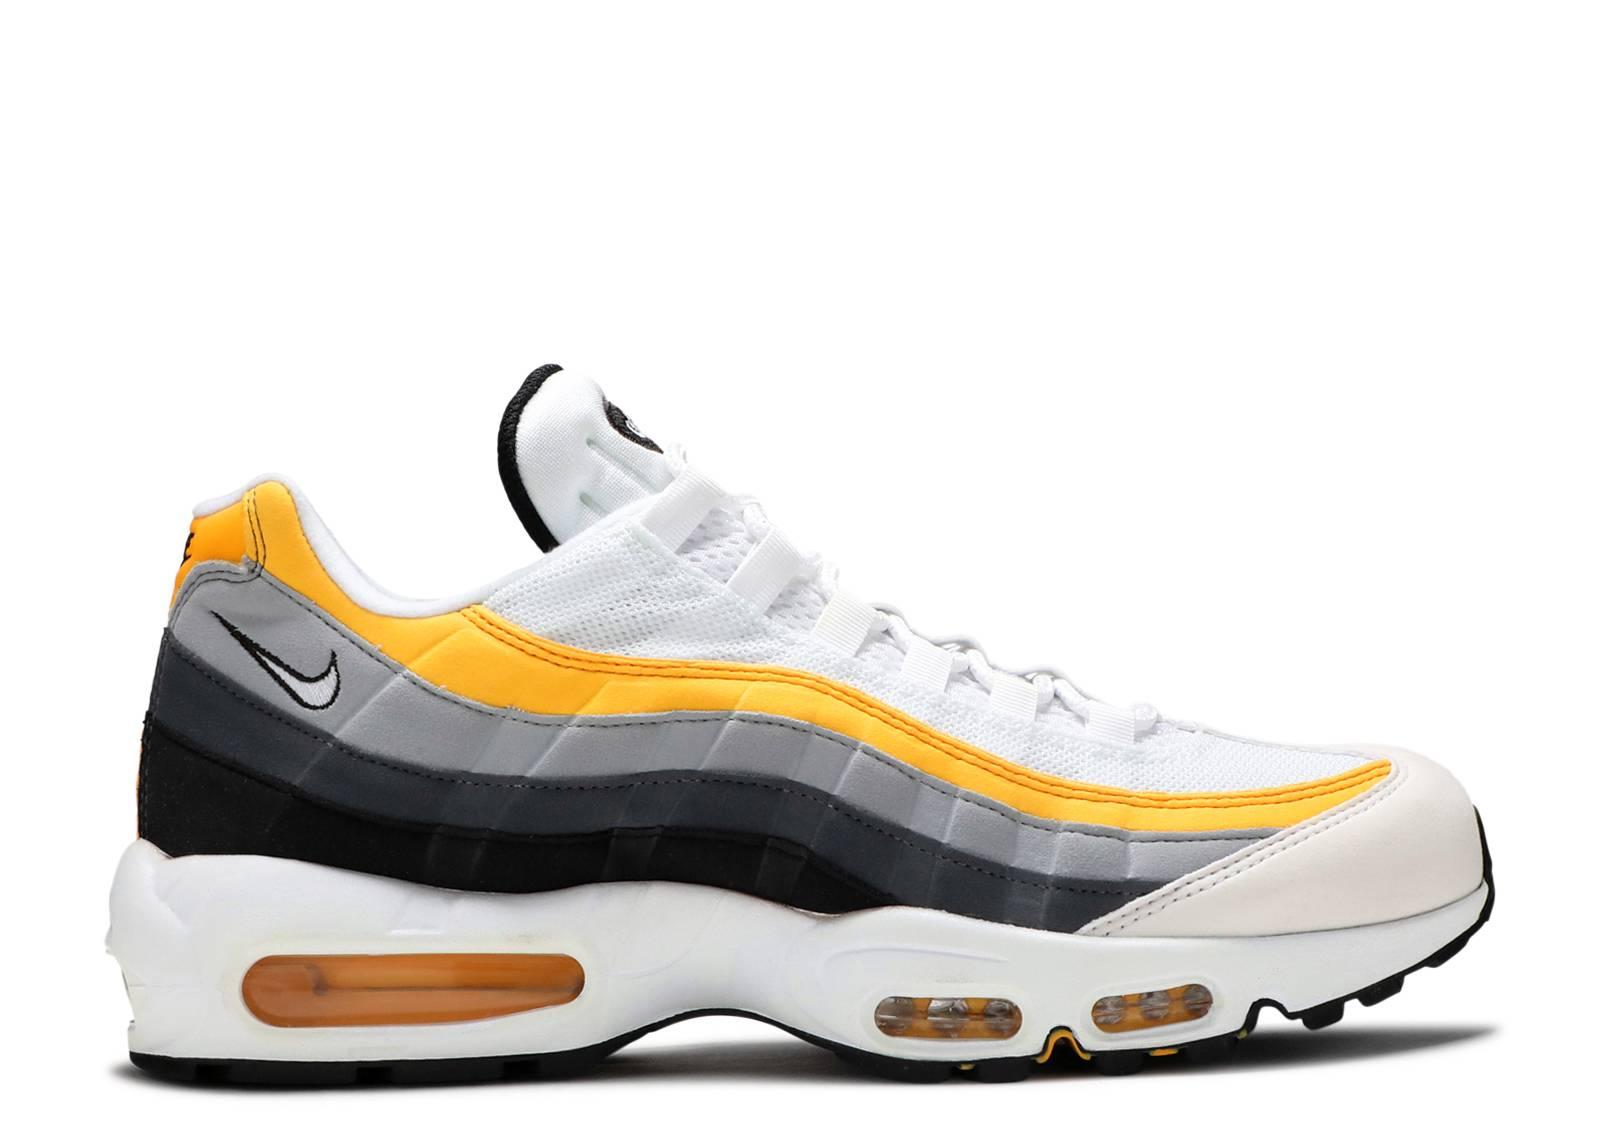 air max 95 uomo amarillo